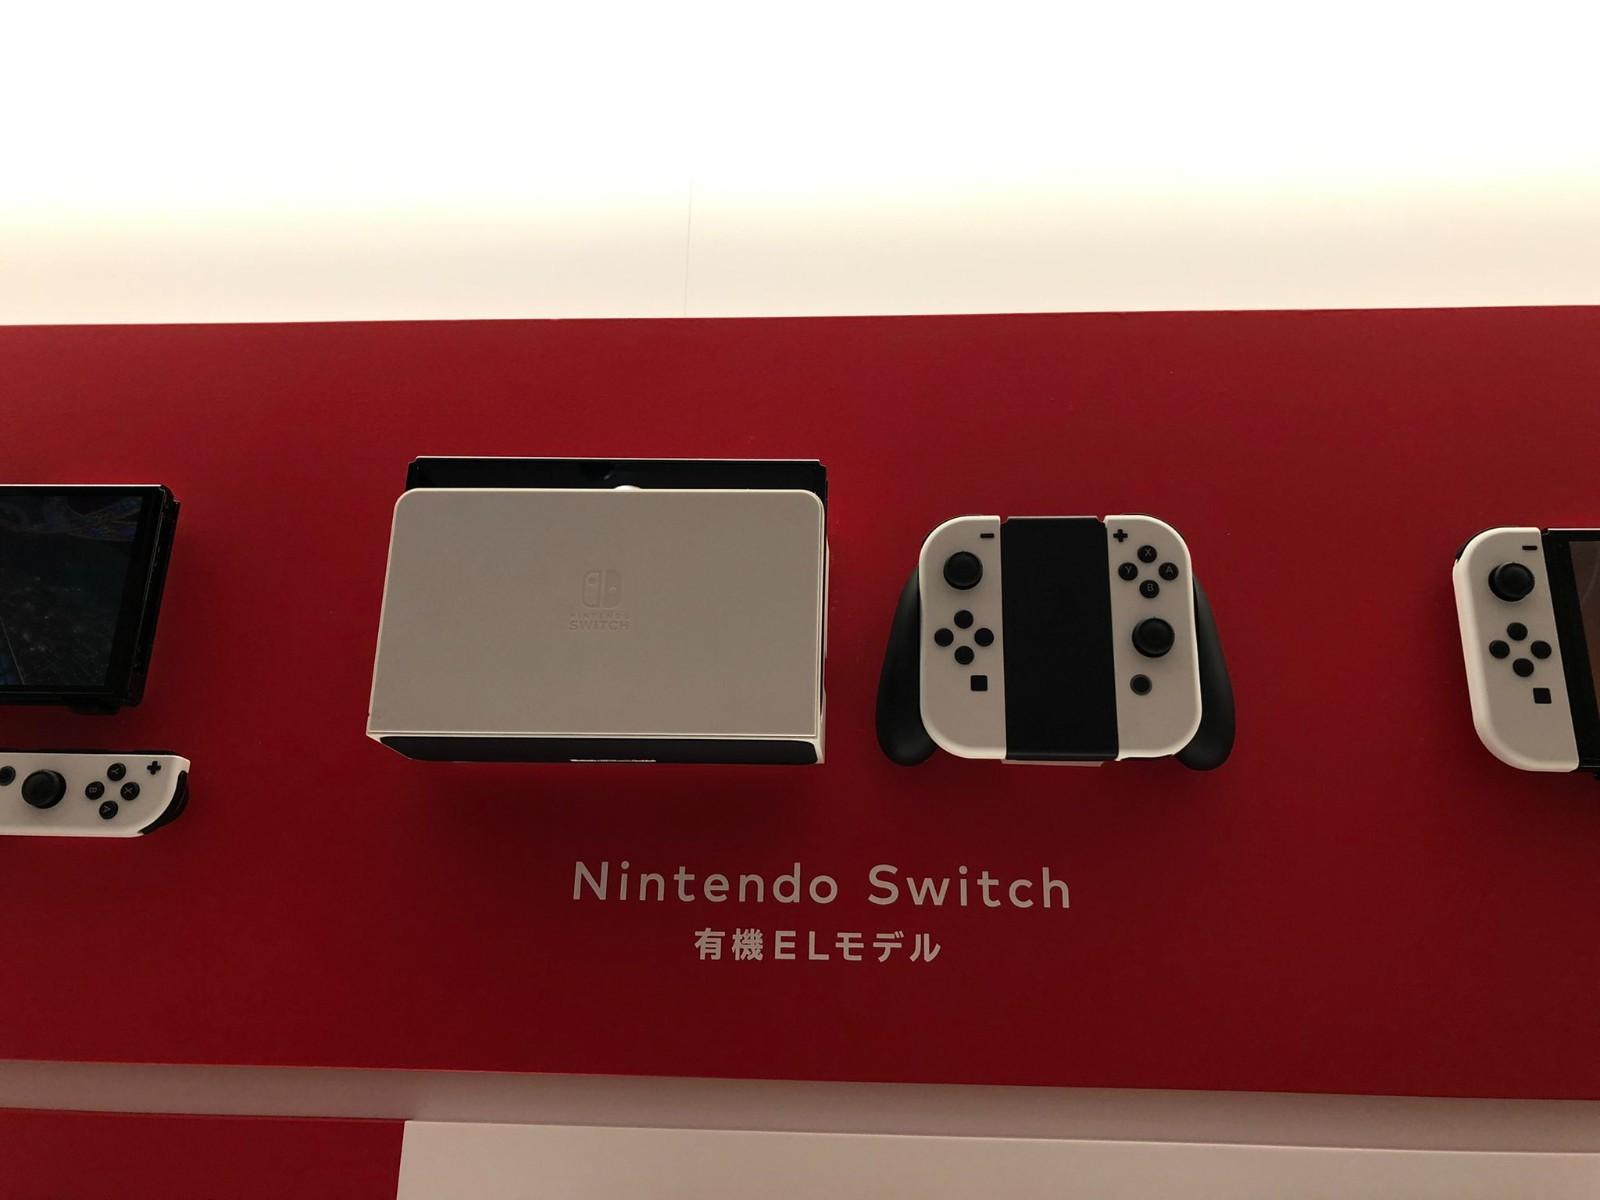 任天堂OLED Switch机型对外展示 首批真机照插图5